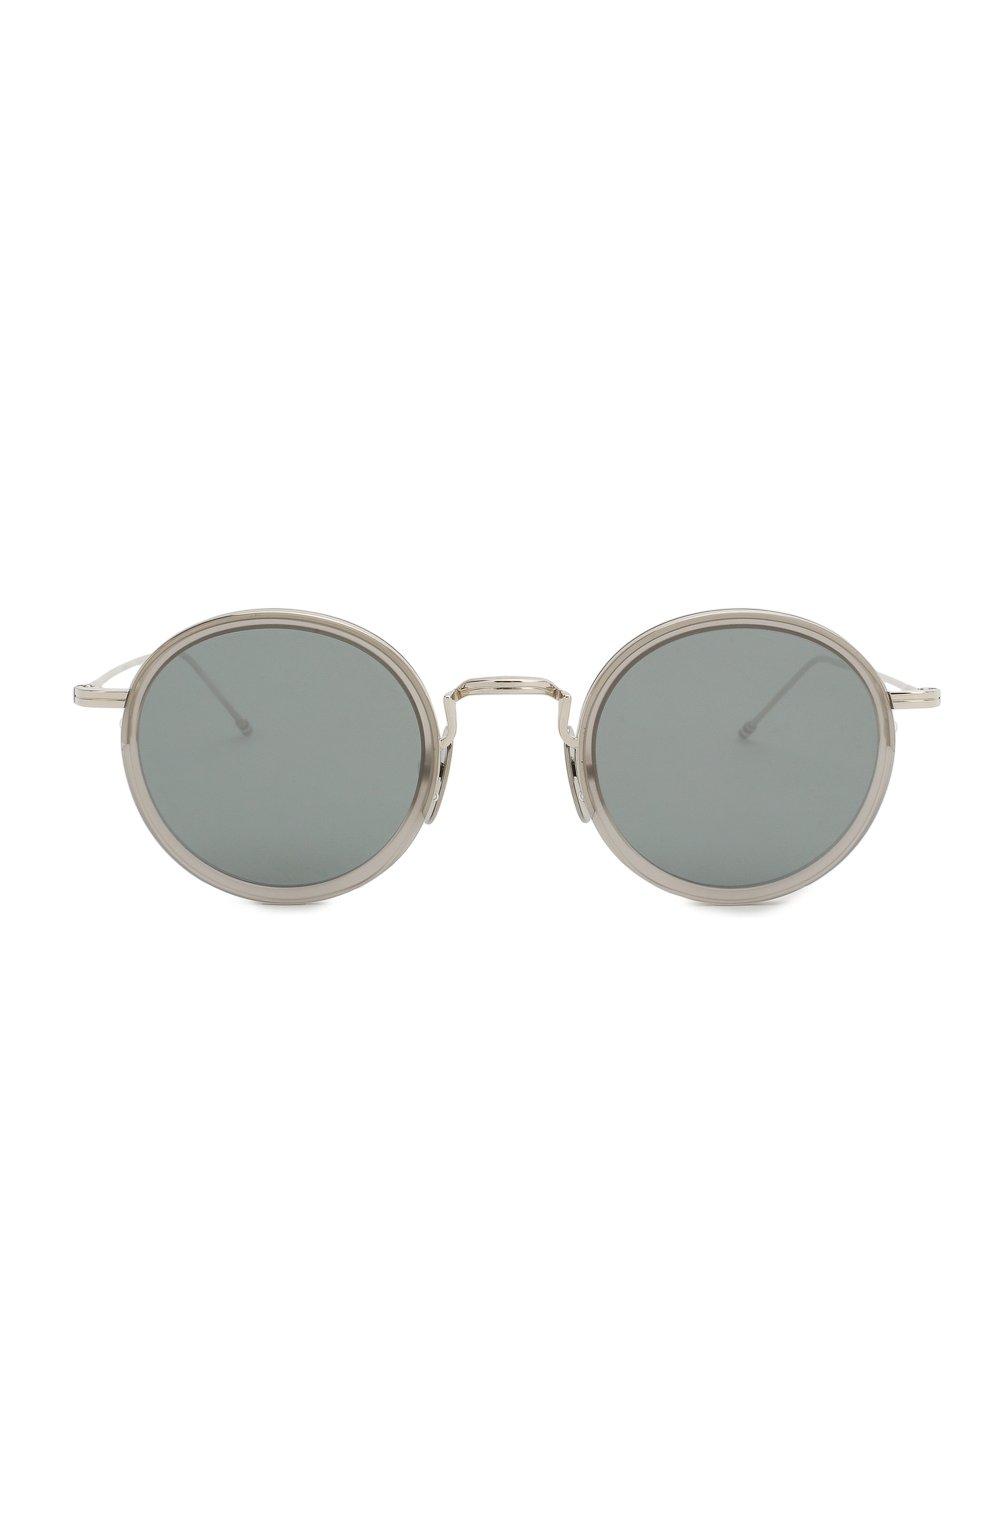 Женские солнцезащитные очки THOM BROWNE серого цвета, арт. TB-906 SUN-03 | Фото 4